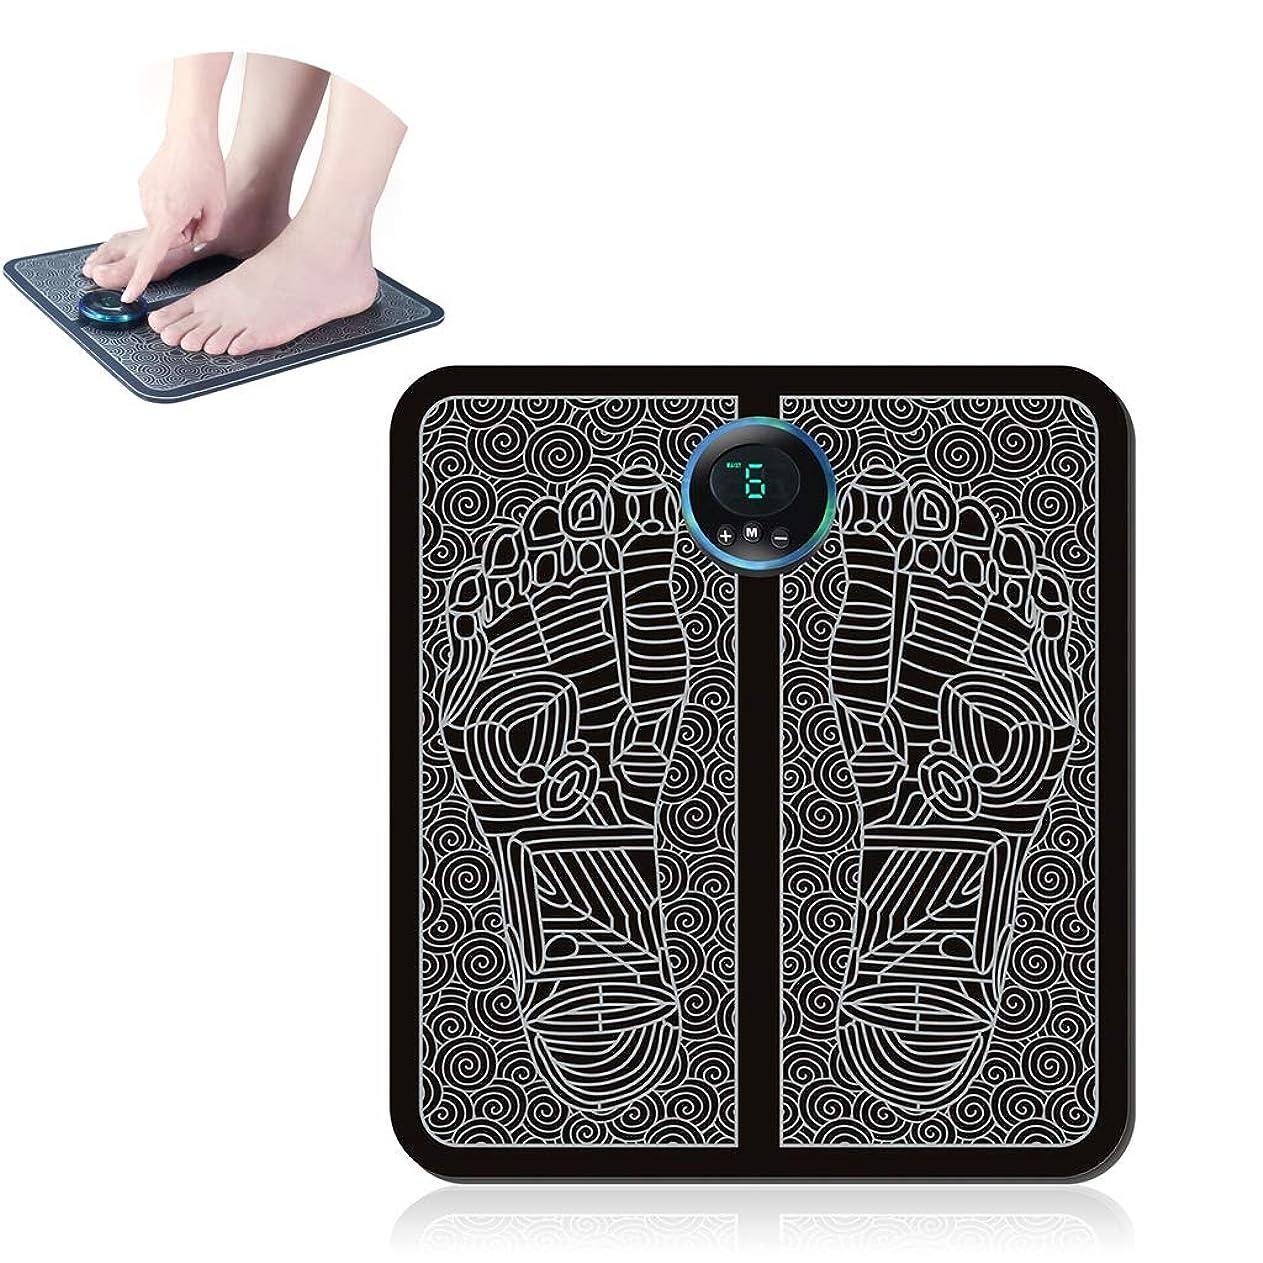 衣類コントロール練習した足のマッサージ、パルス足のマッサージクッション鍼治療のポイントのインテリジェントなバイオエレクトリック刺激は、痛みを和らげ、疲労を軽減します。